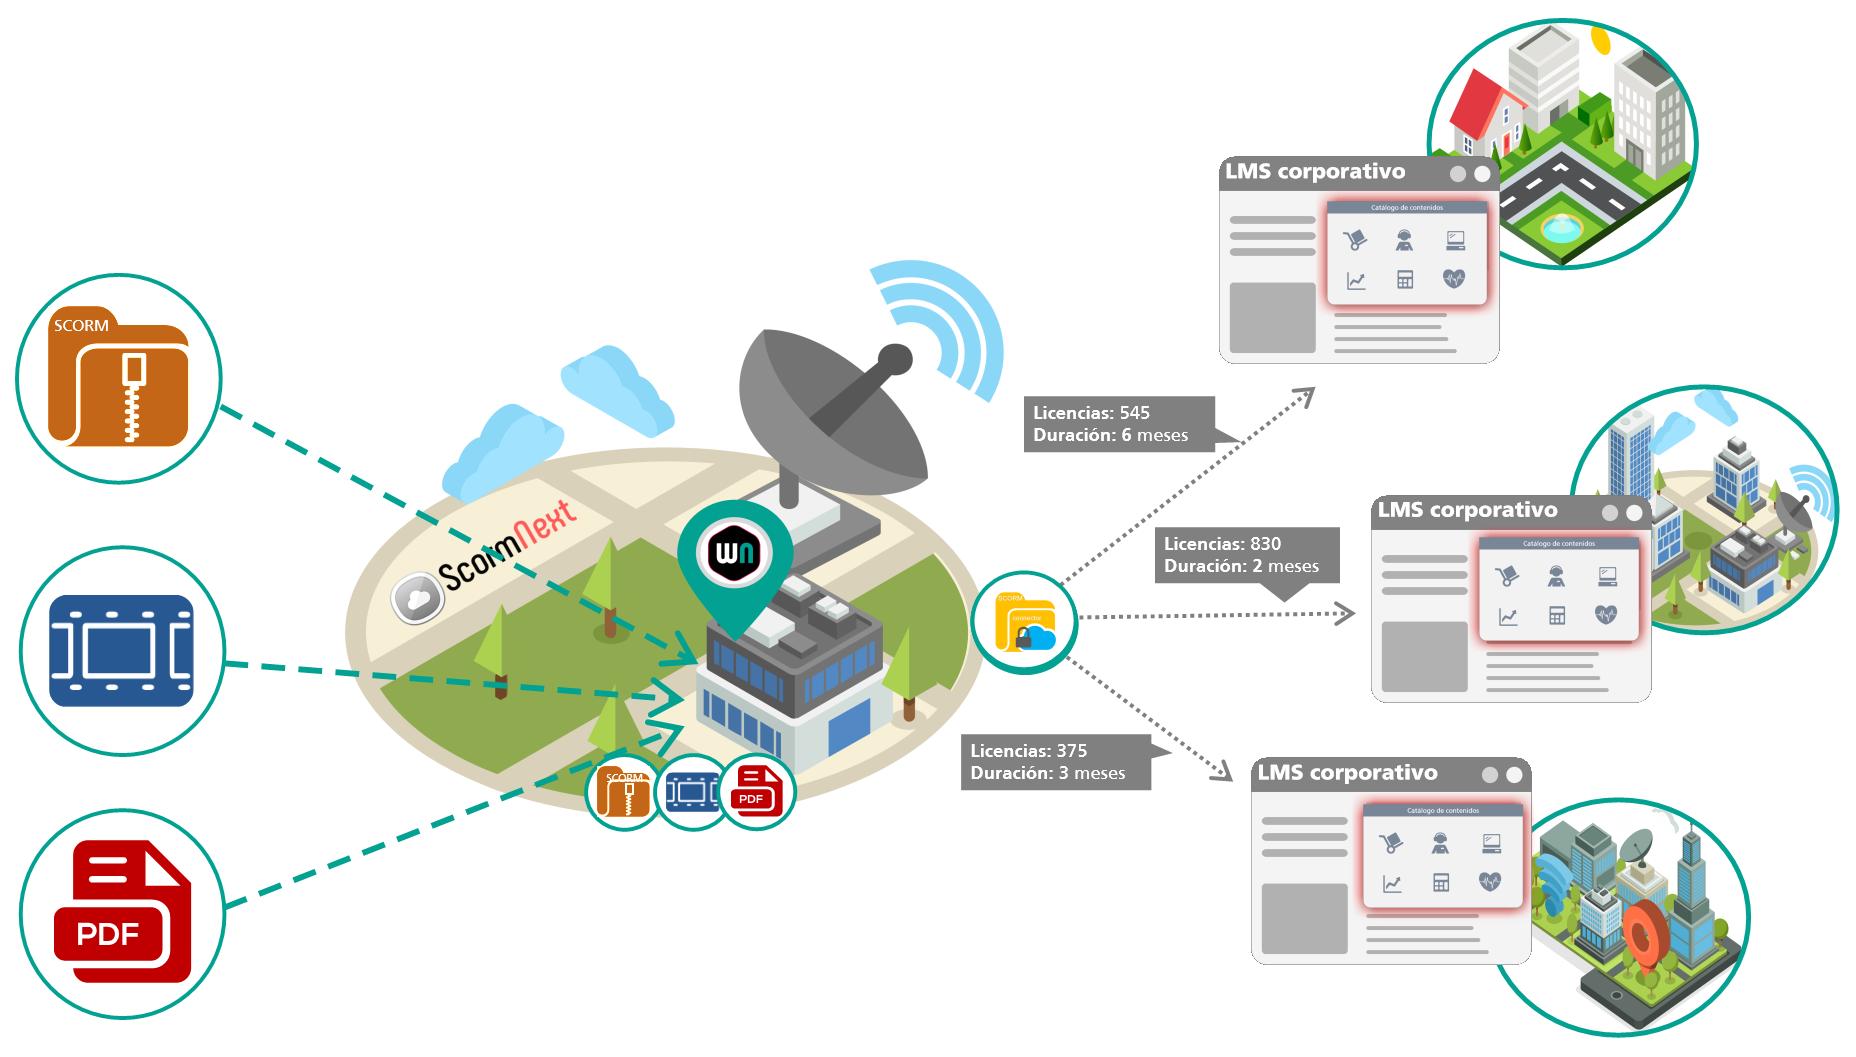 Esquema de distribución de contenidos e-learning a través de conectores scorm